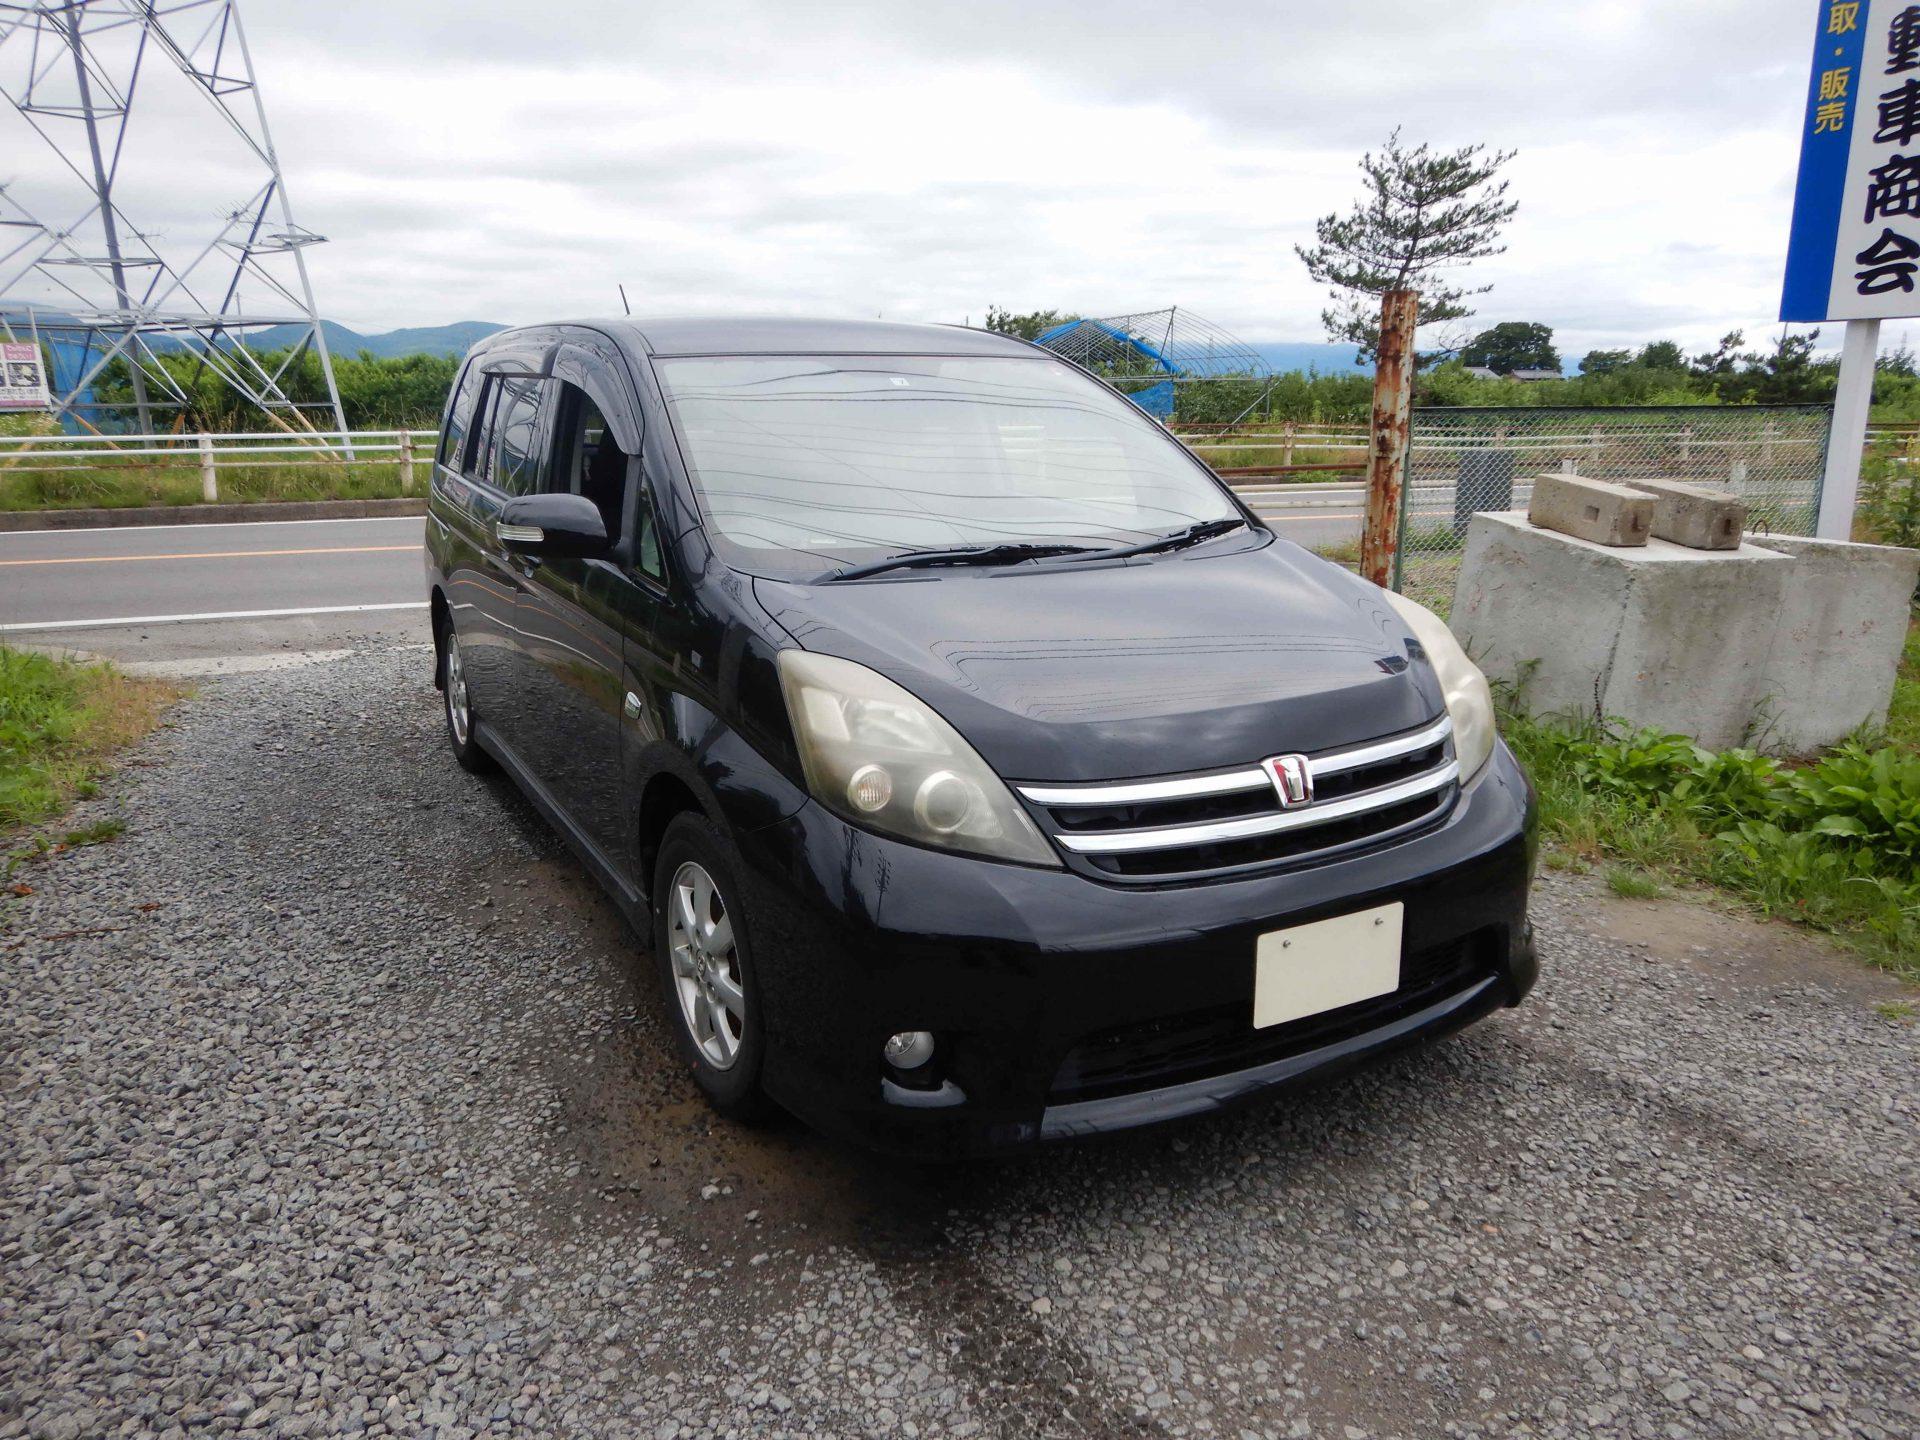 福島市 トヨタ アイシス 廃車 解体車 輸出向け車両